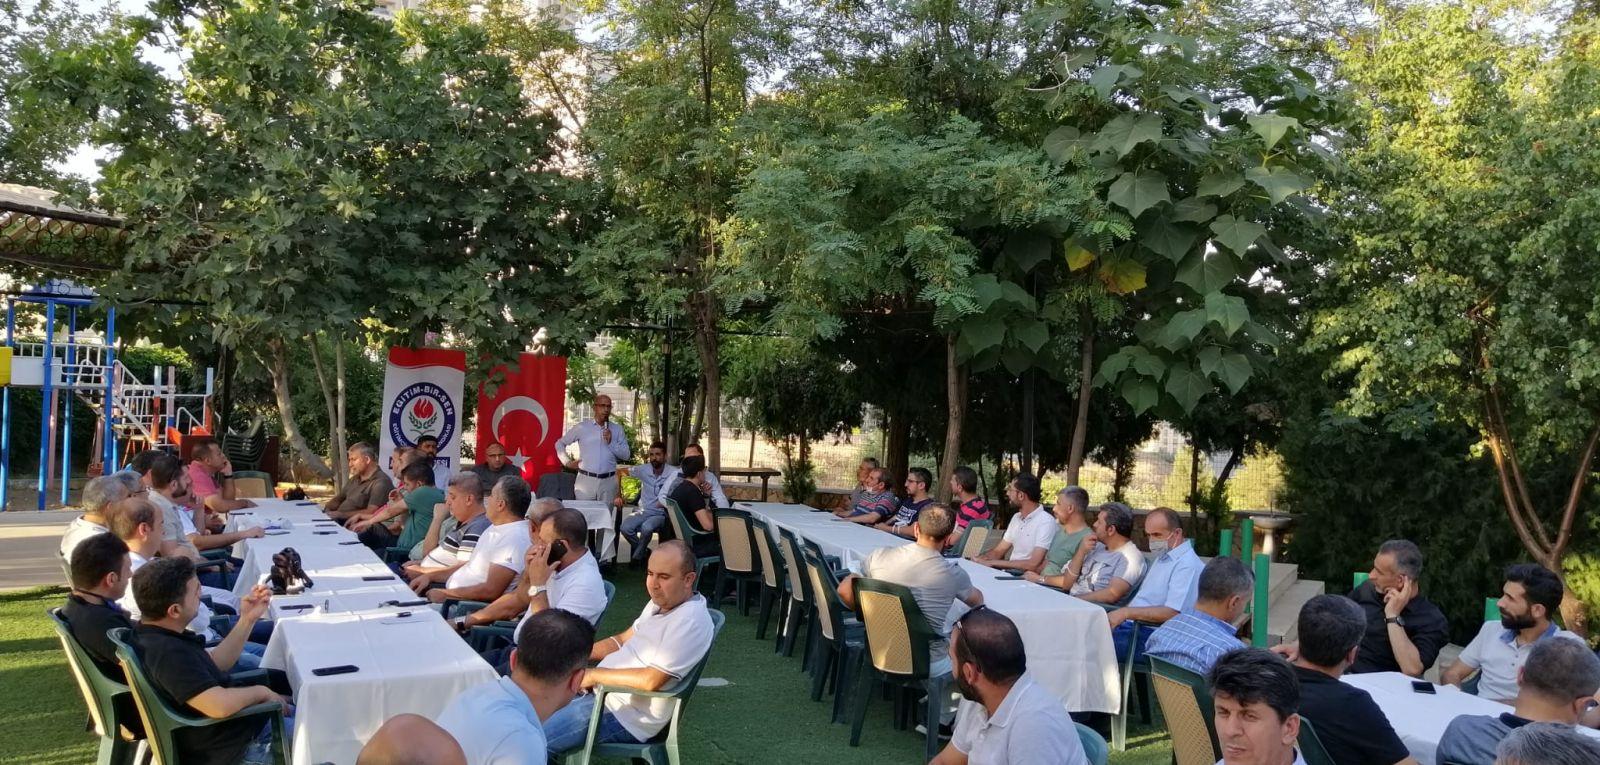 Artuklu ilçe işyeri temsilcileriyle yılsonu değerlendirme toplantısını gerçekleştirdik